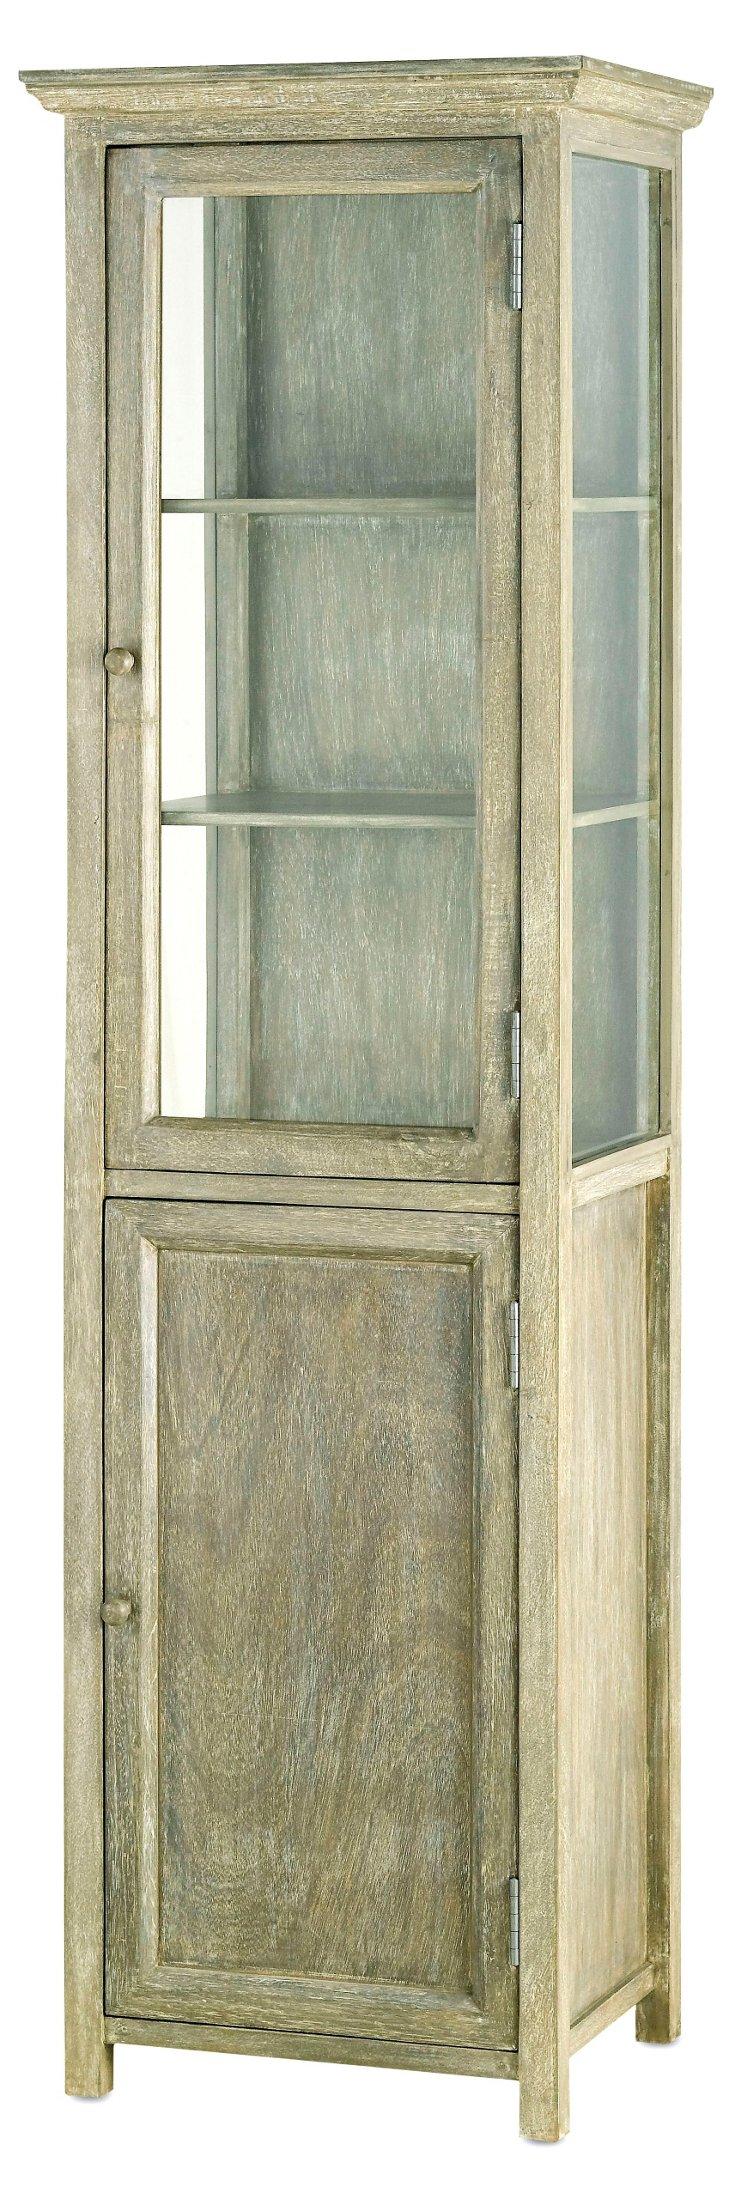 Meacham Cabinet